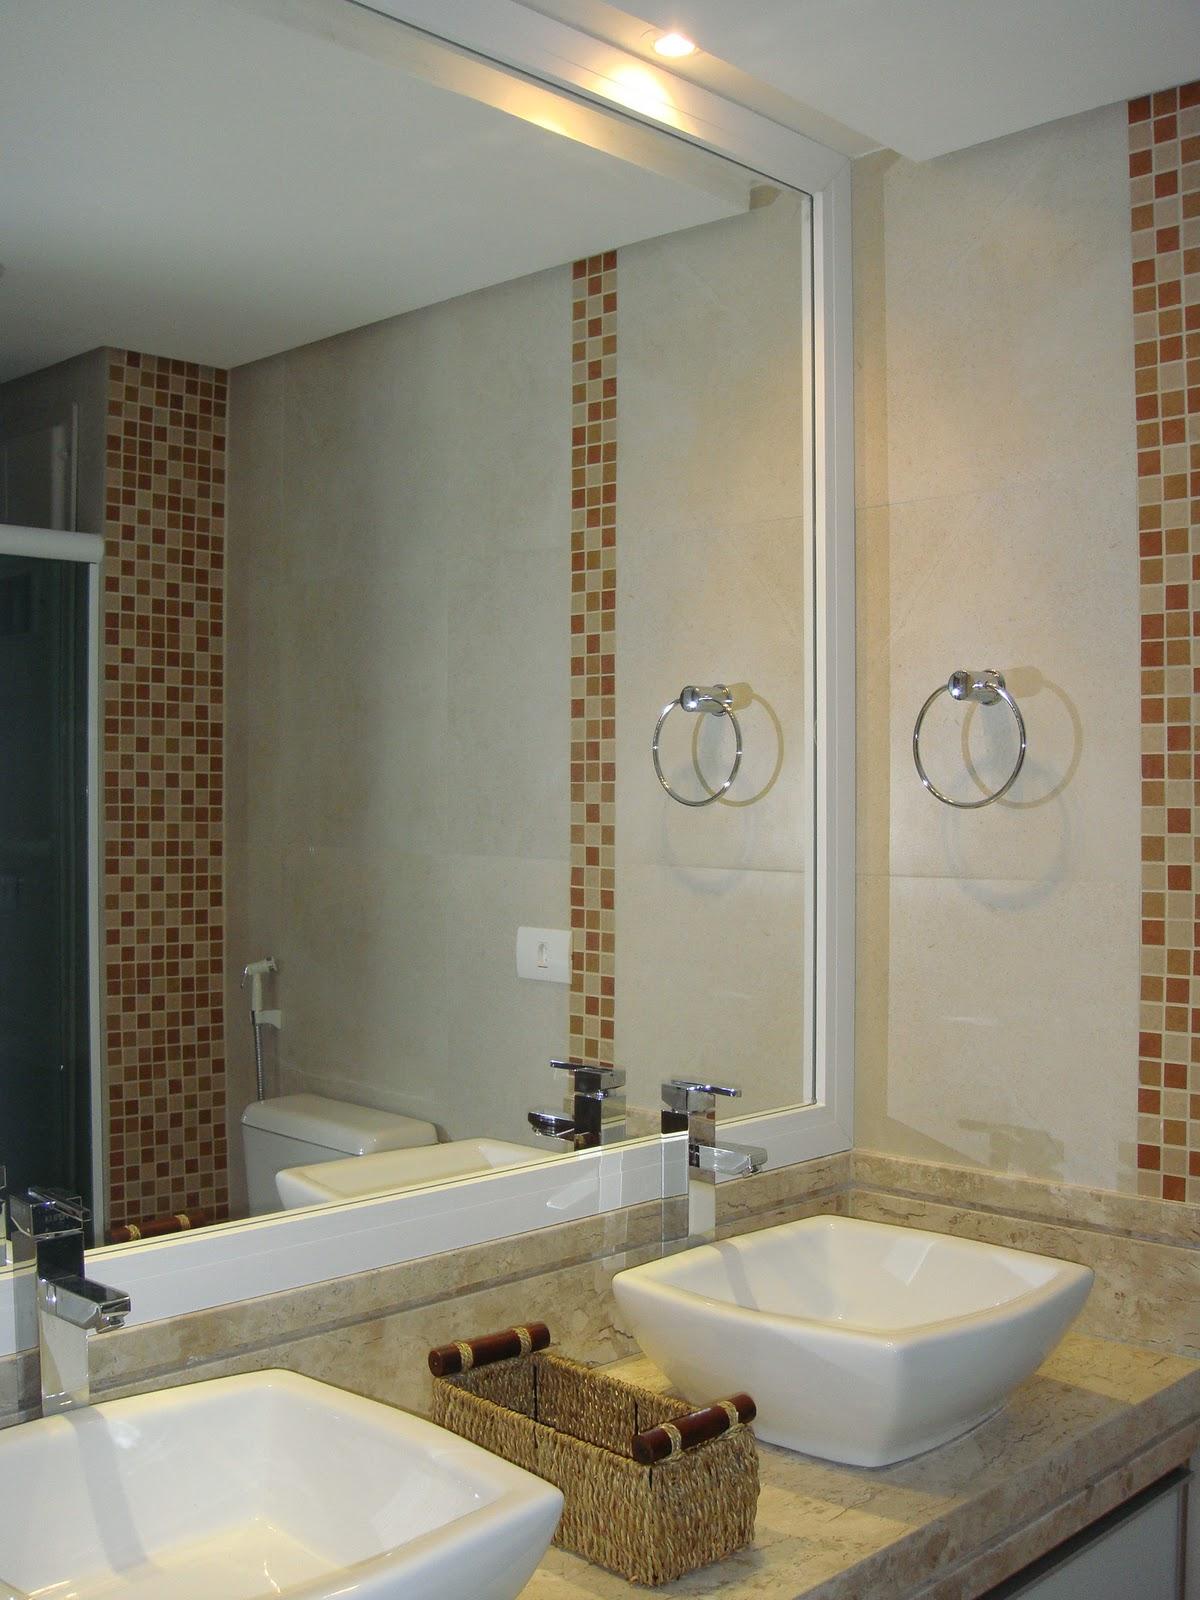 anos vou parar de falar e mostrar as fotos do banheiro do nosso quarto #604B33 1200 1600